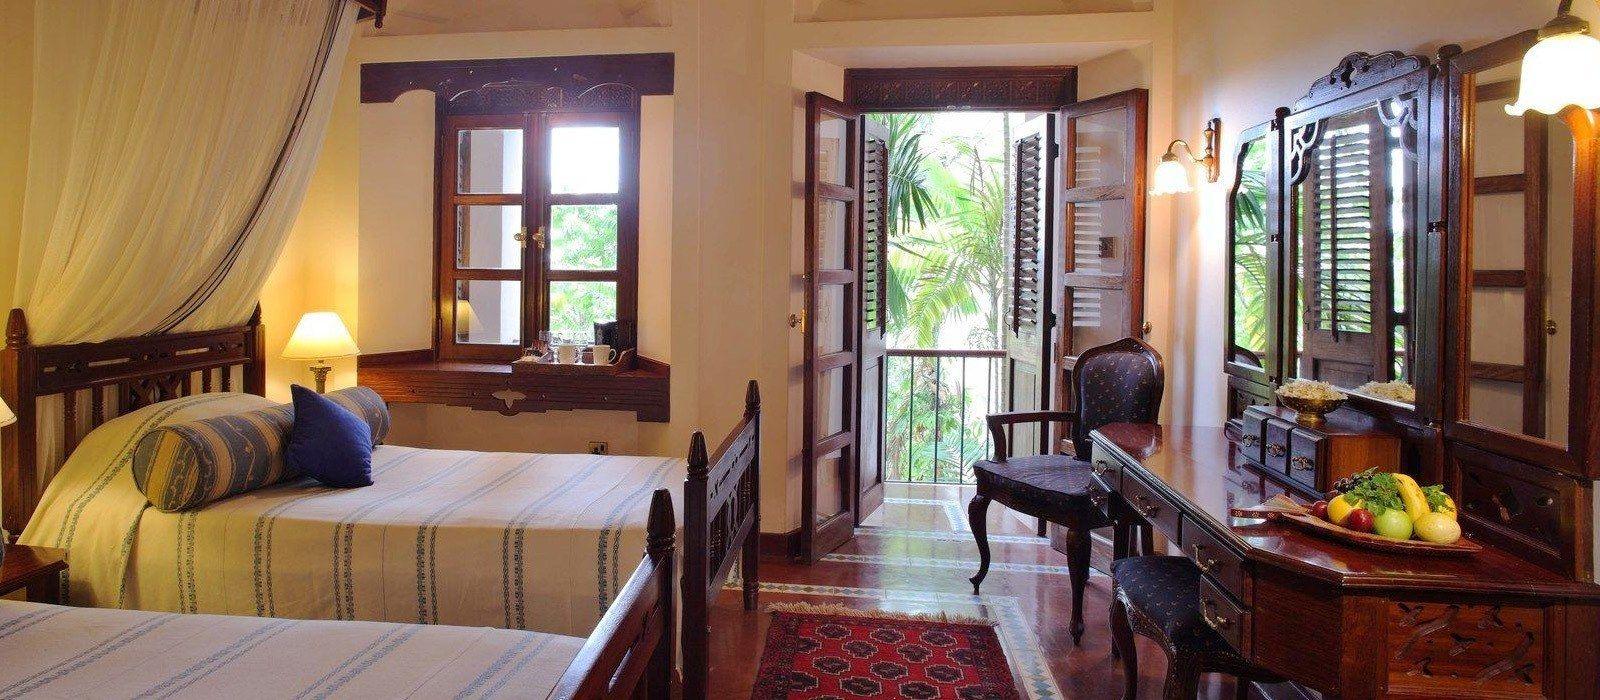 Hotel Zanzibar Serena Inn Tanzania